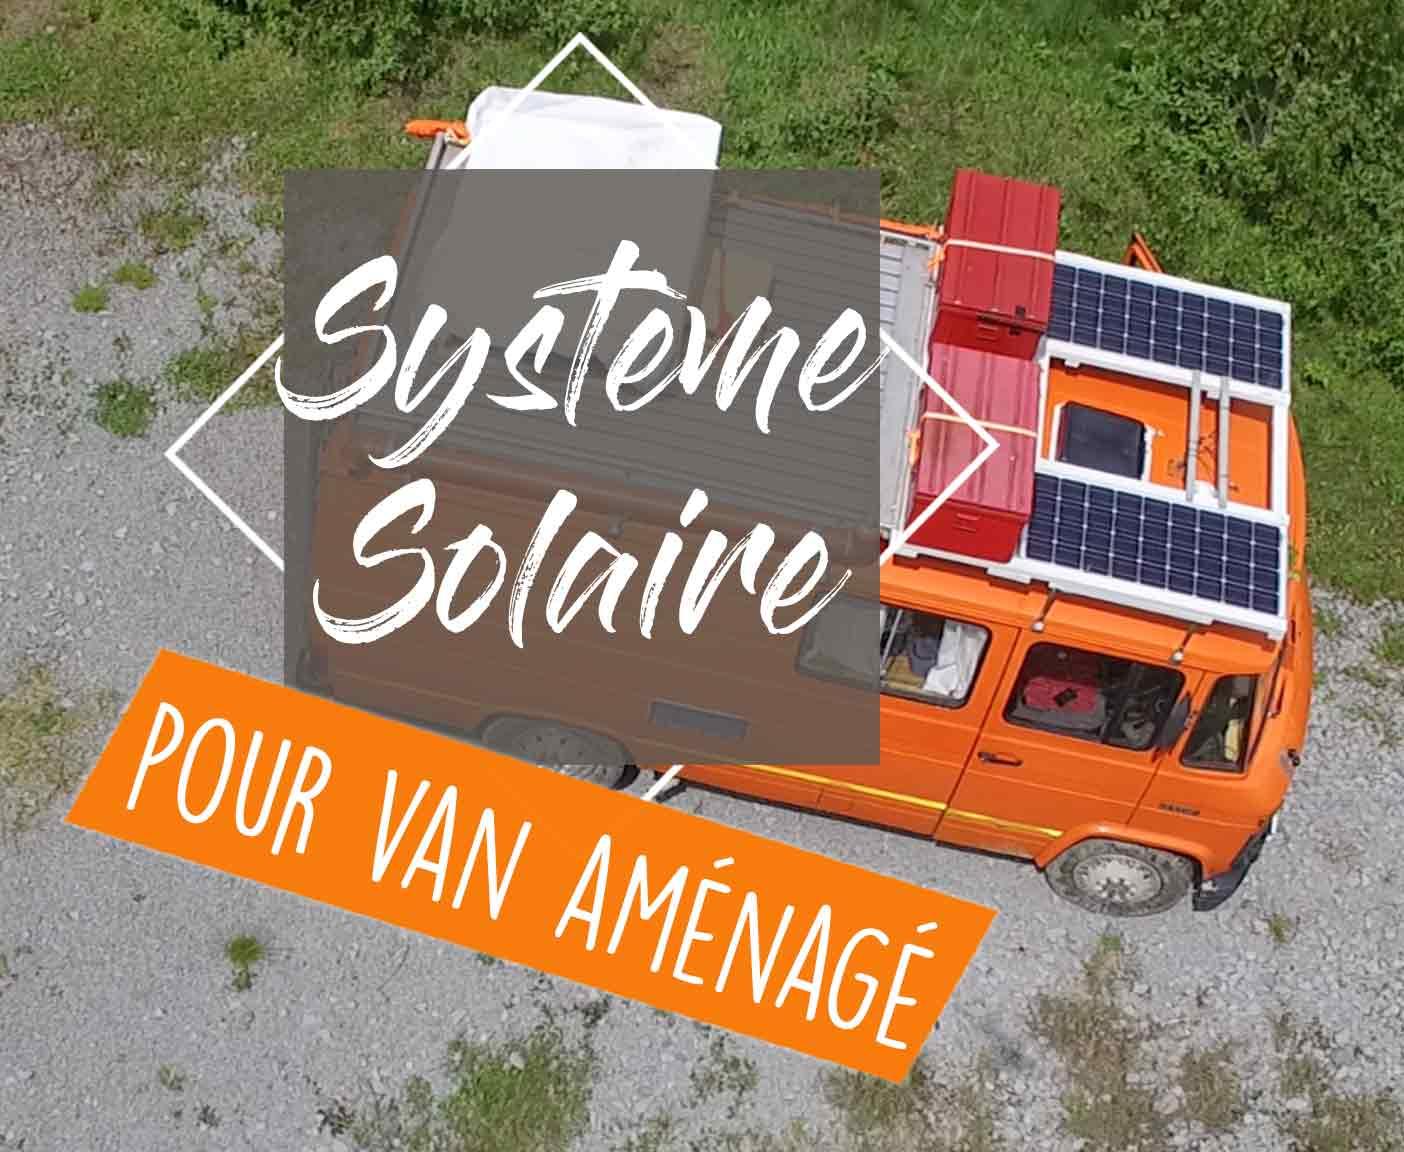 solaire-systeme-installation-panneau-batterie-regulateur-volt-watt-ampere-tension-puissance-intensite-amenagement-van-fourgon-amenage-vanlife-roadtrip-autonomie